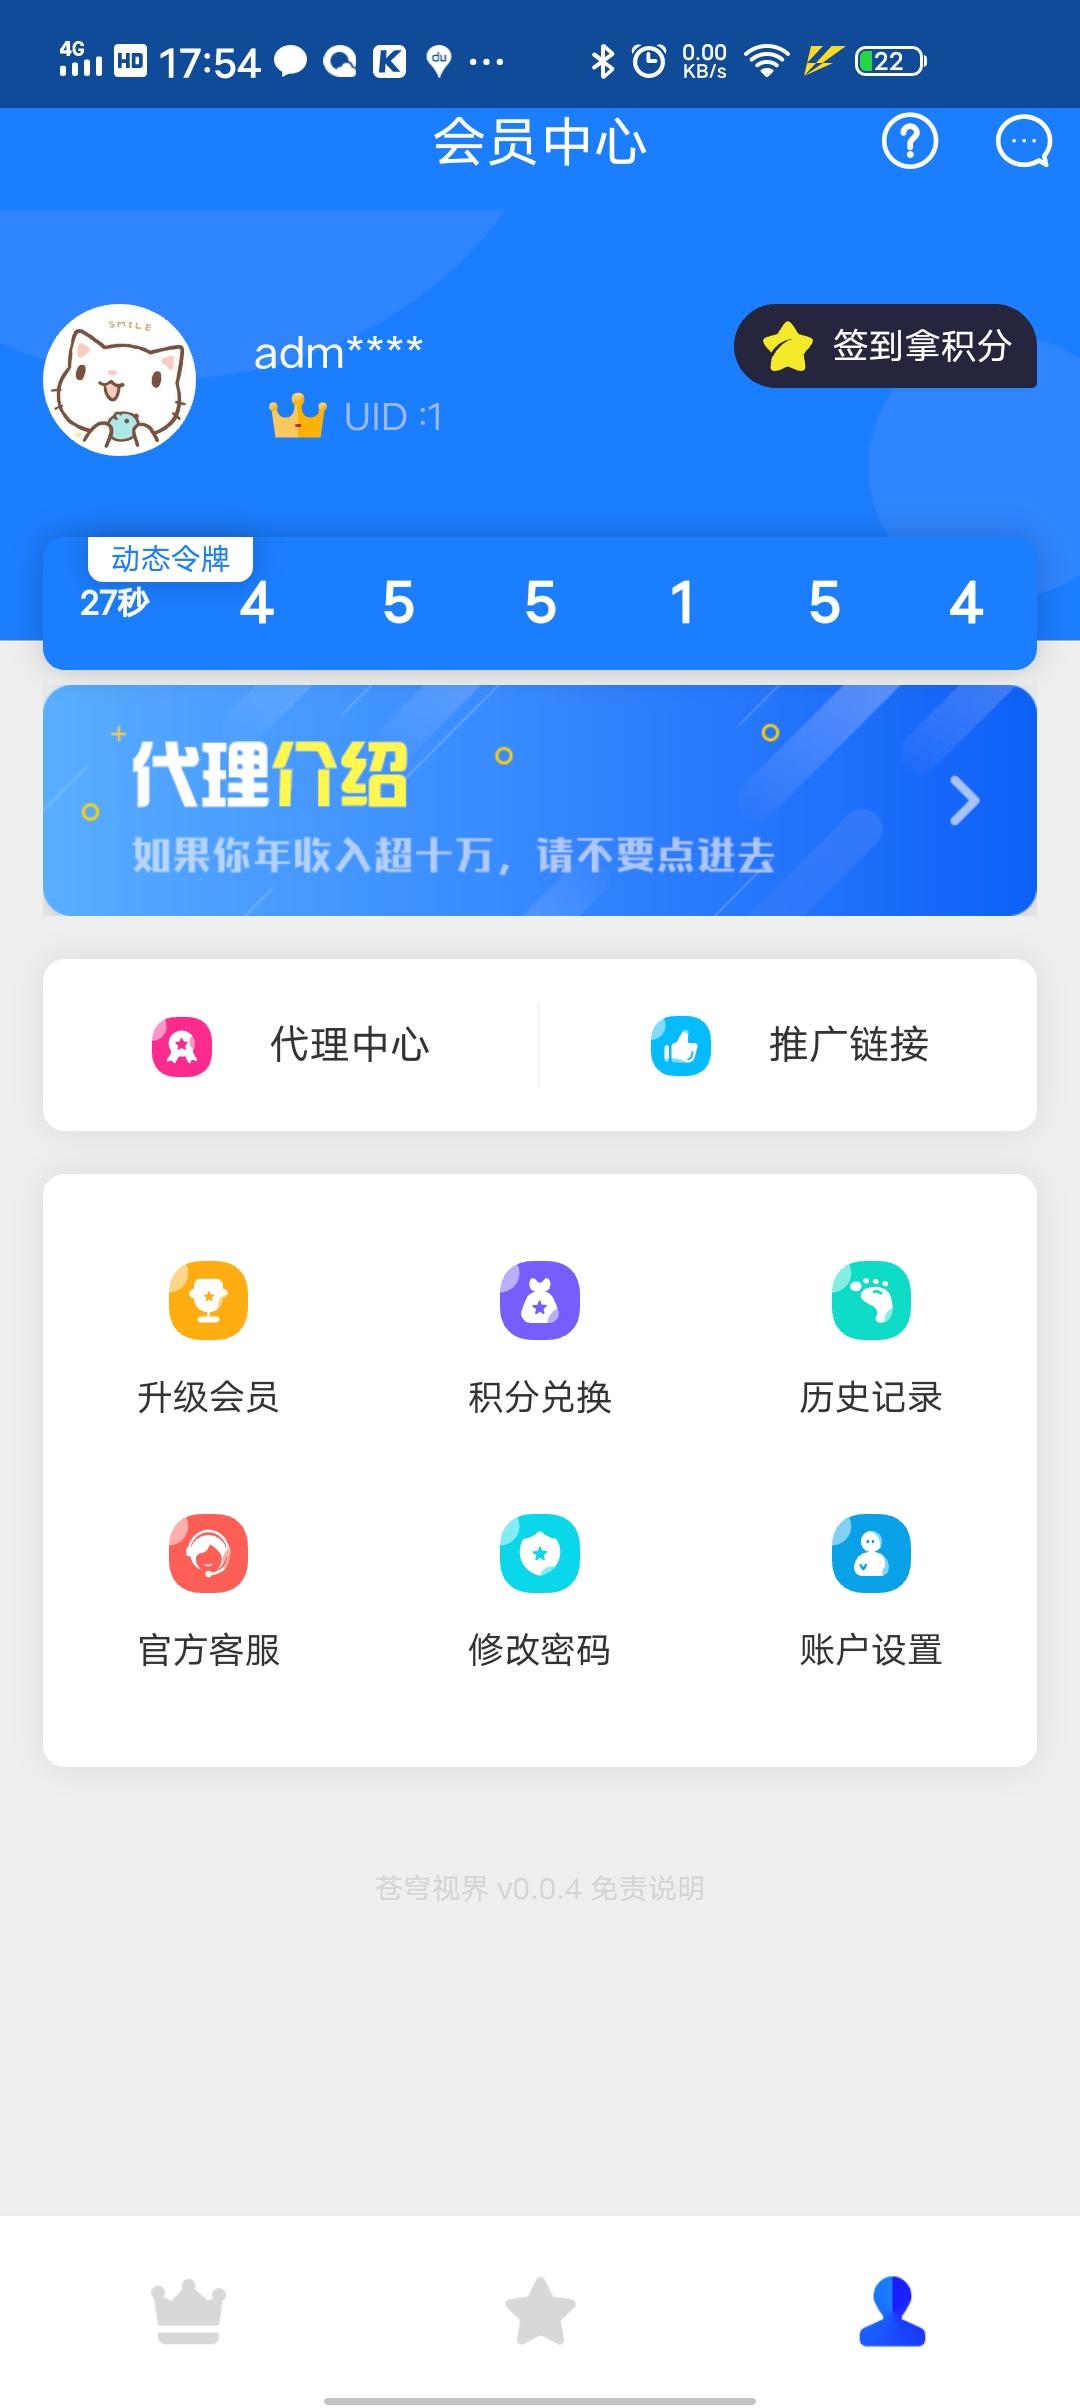 苍穹影视V20七彩视界影视电影视频免授权手机移动端源码下载带教程